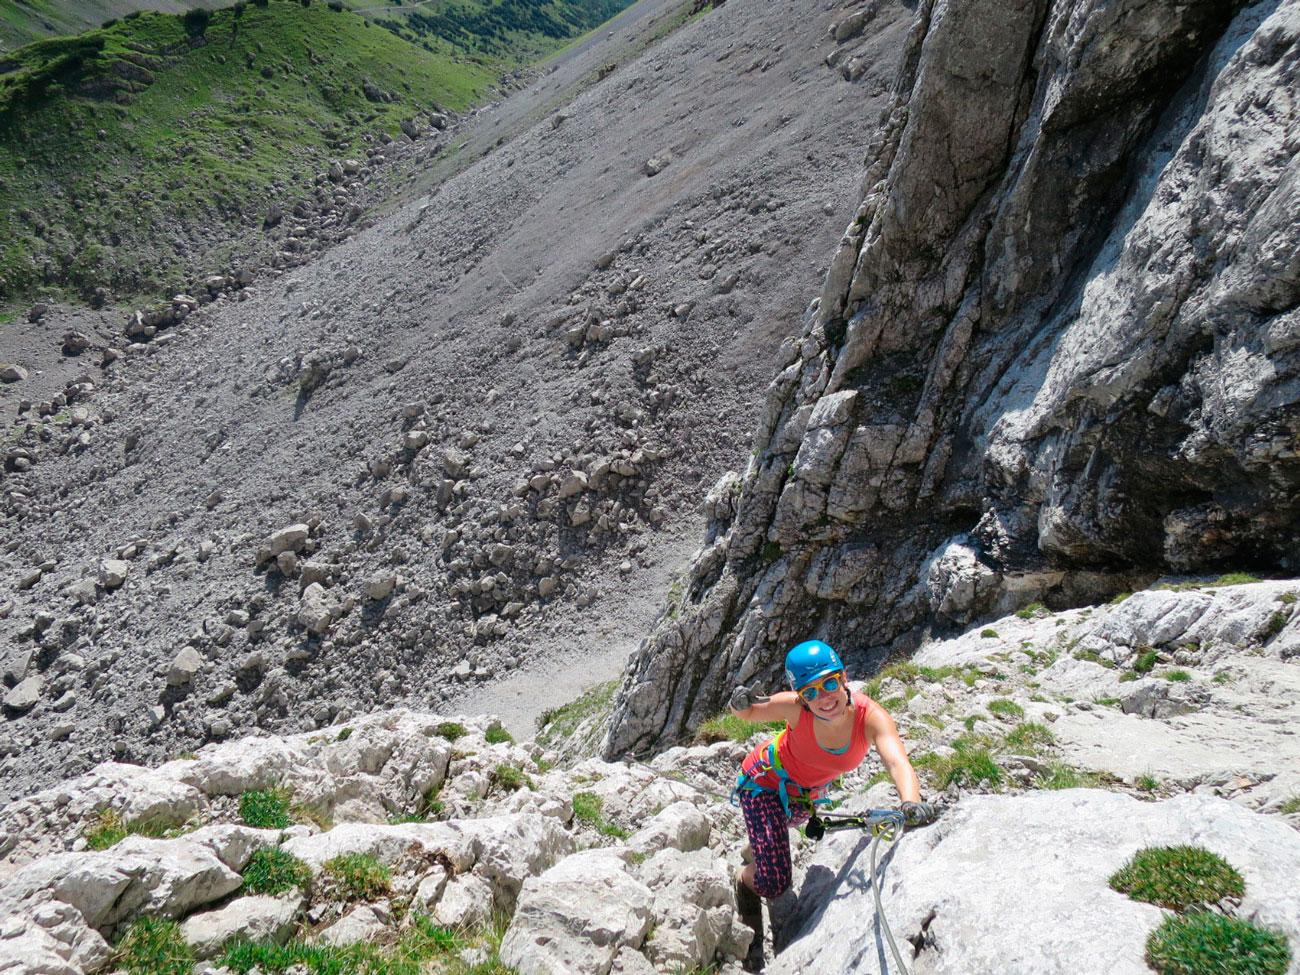 munichmountaingirls-bergblog-muenchen-julia-eisenhardt-wandern-karwendel-klettersteig